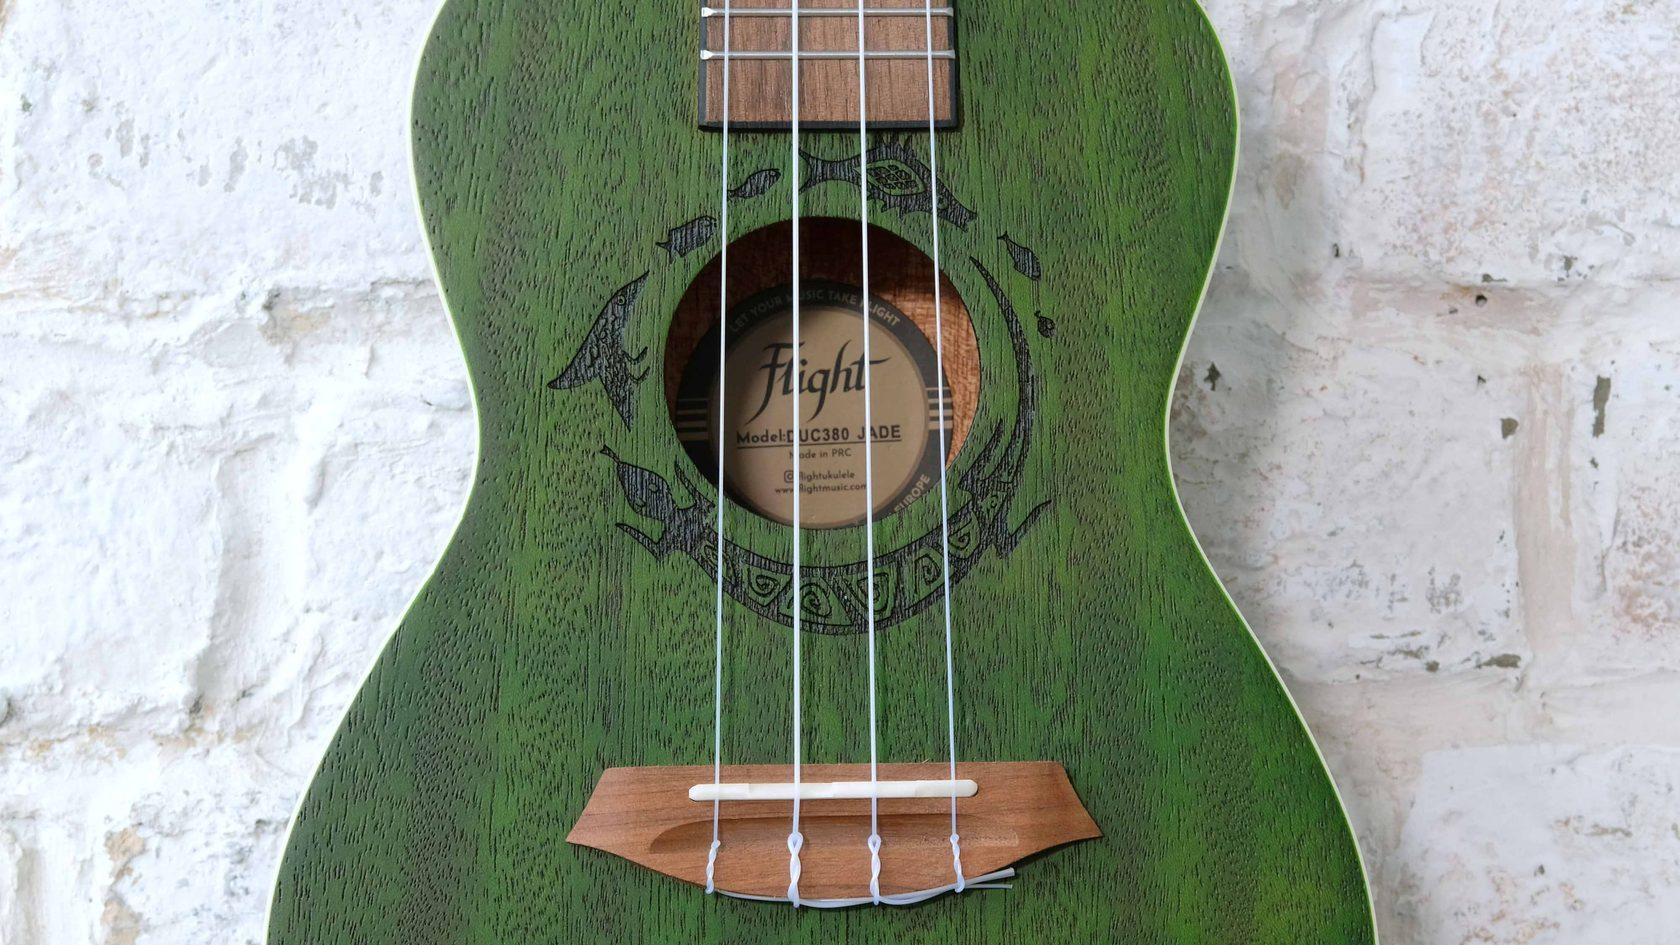 купить укулеле концерт Flight с фирменным чехлом в комплекте в магазине укулеле Ukelovers, ukulele concert, укулела